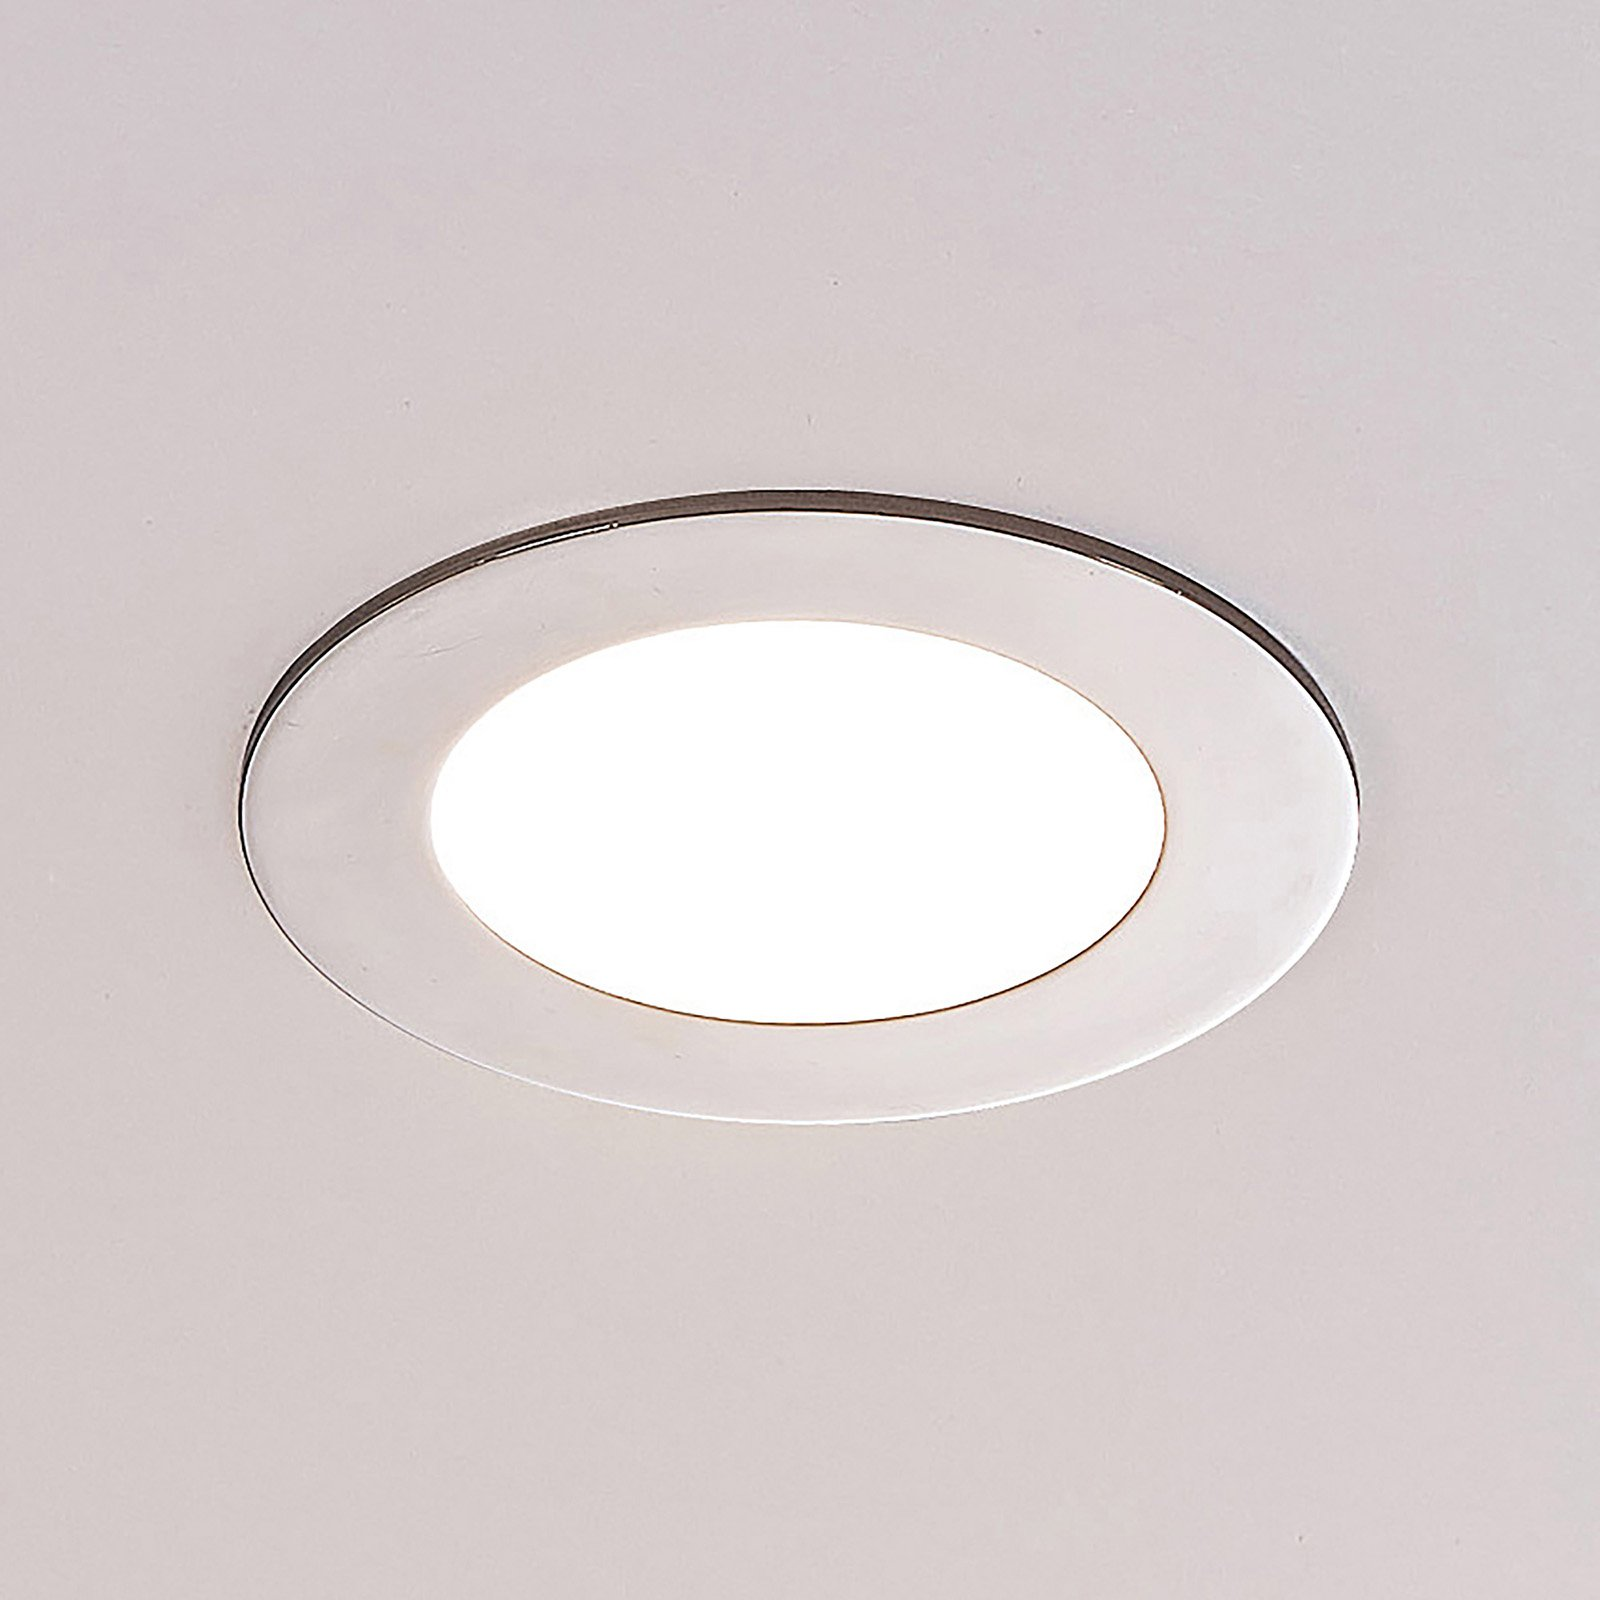 ELC Jupiter LED-downlight, 3-er sett i krom